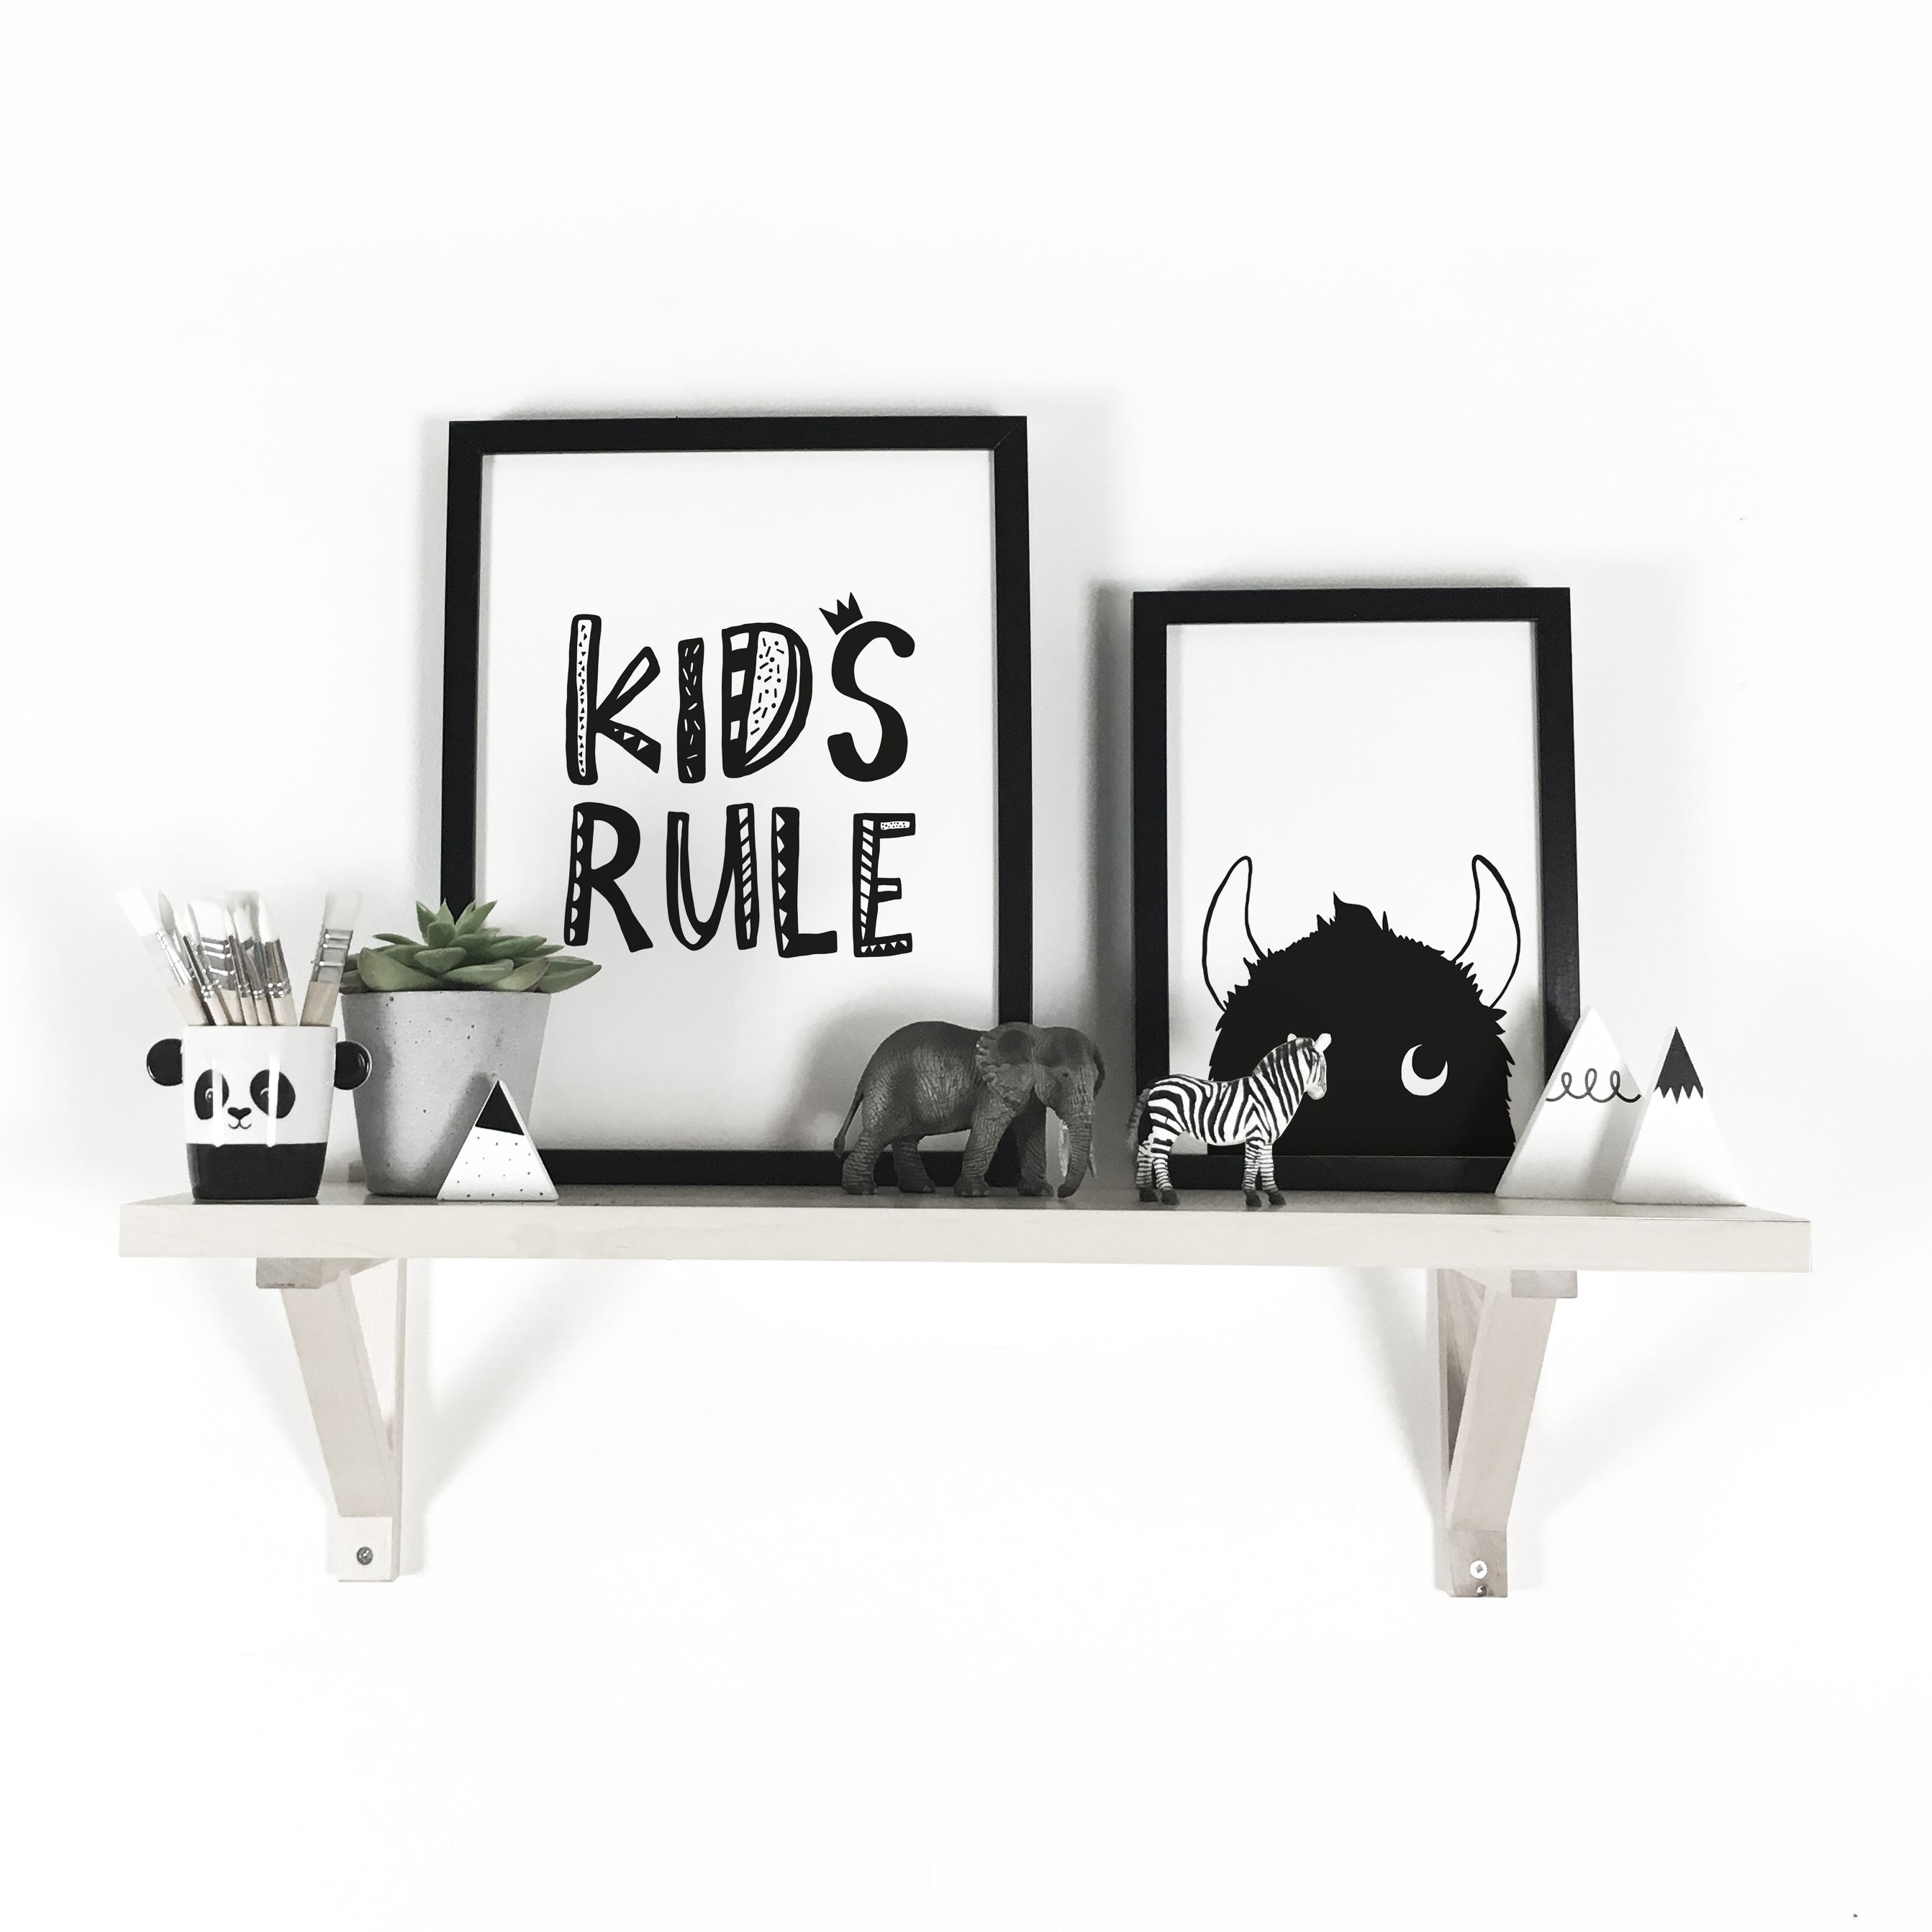 Nursery Monochrome Prints On An Ikea Shelf Kids Rule And